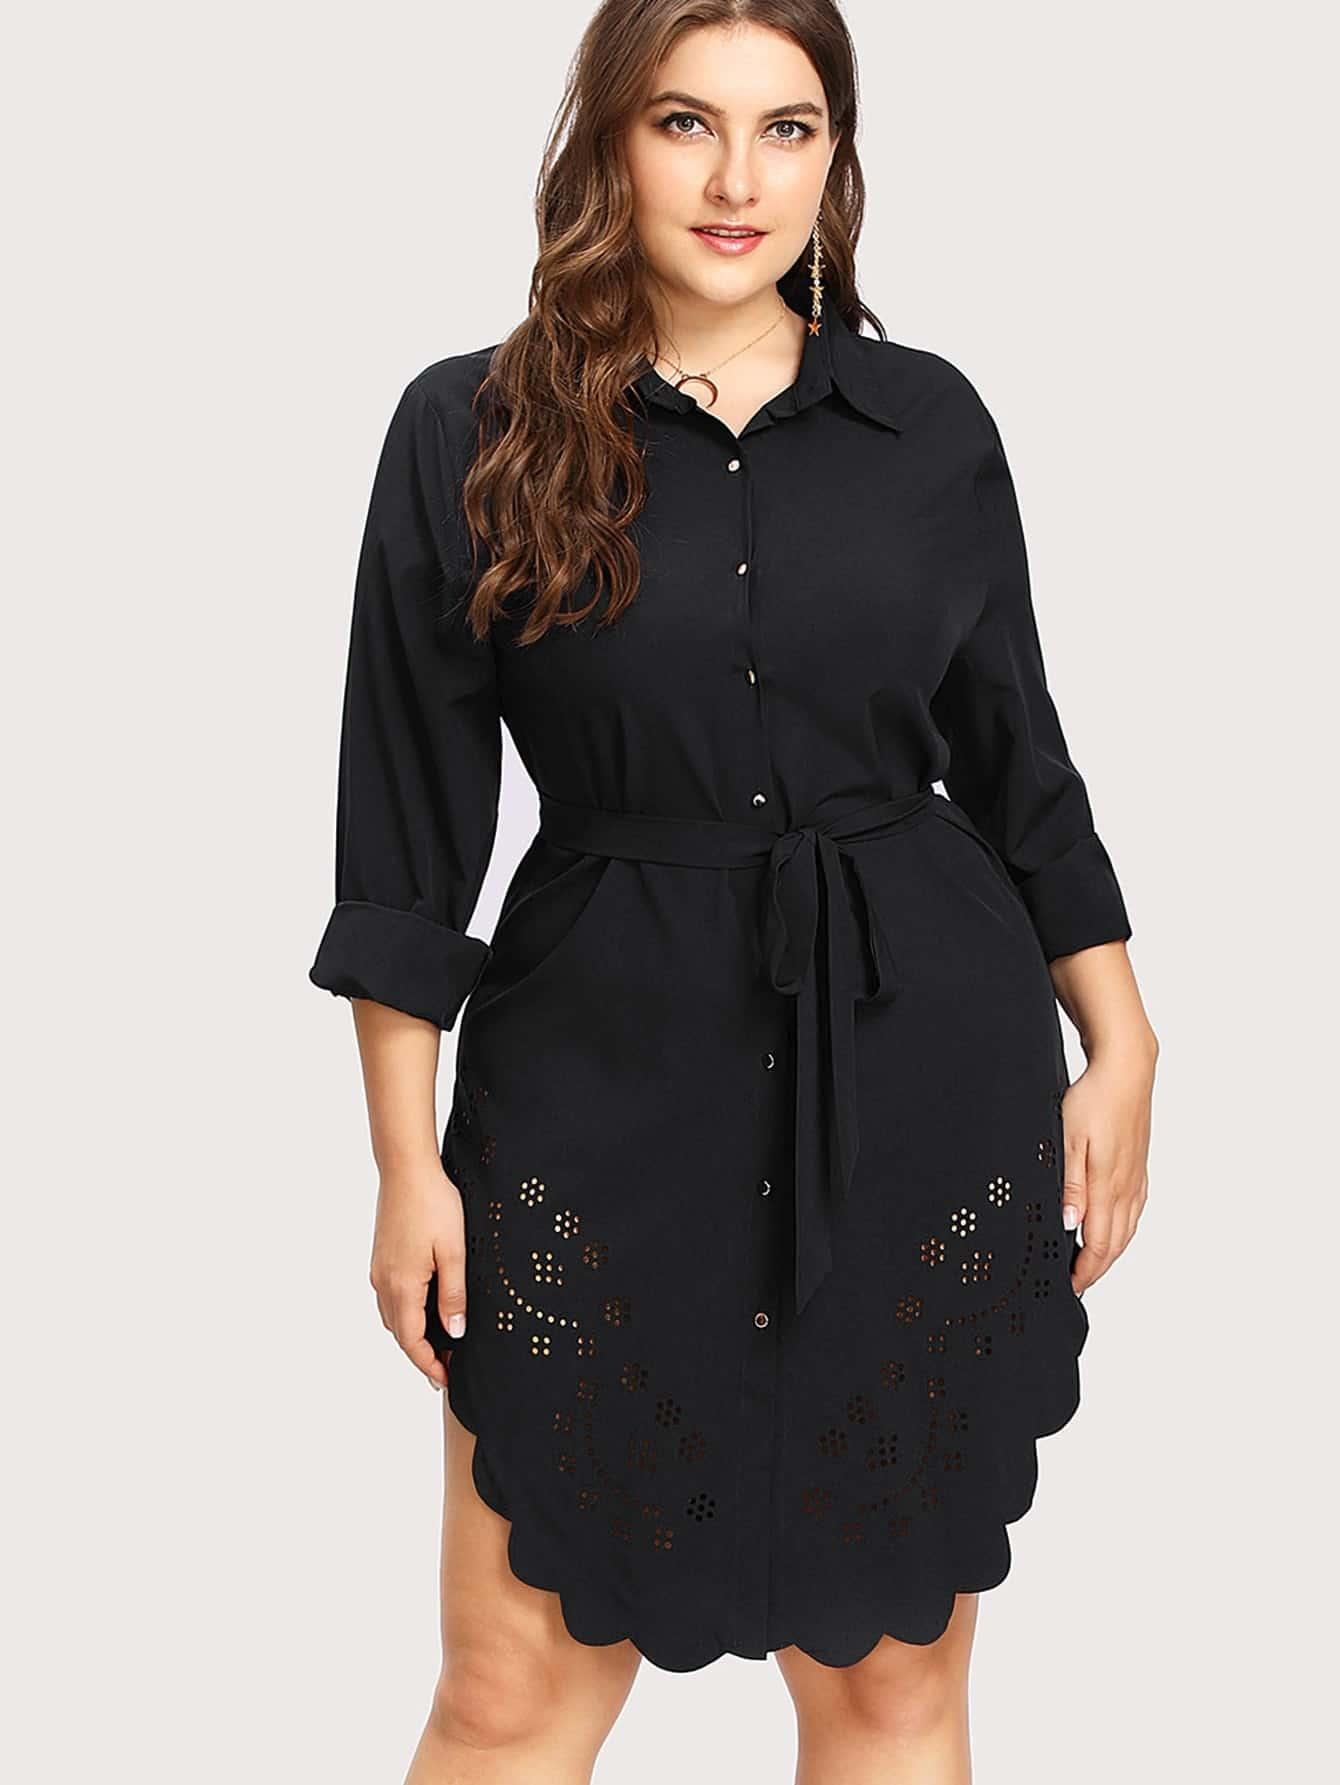 Laser Cut Scallop Hem Shirt Dress